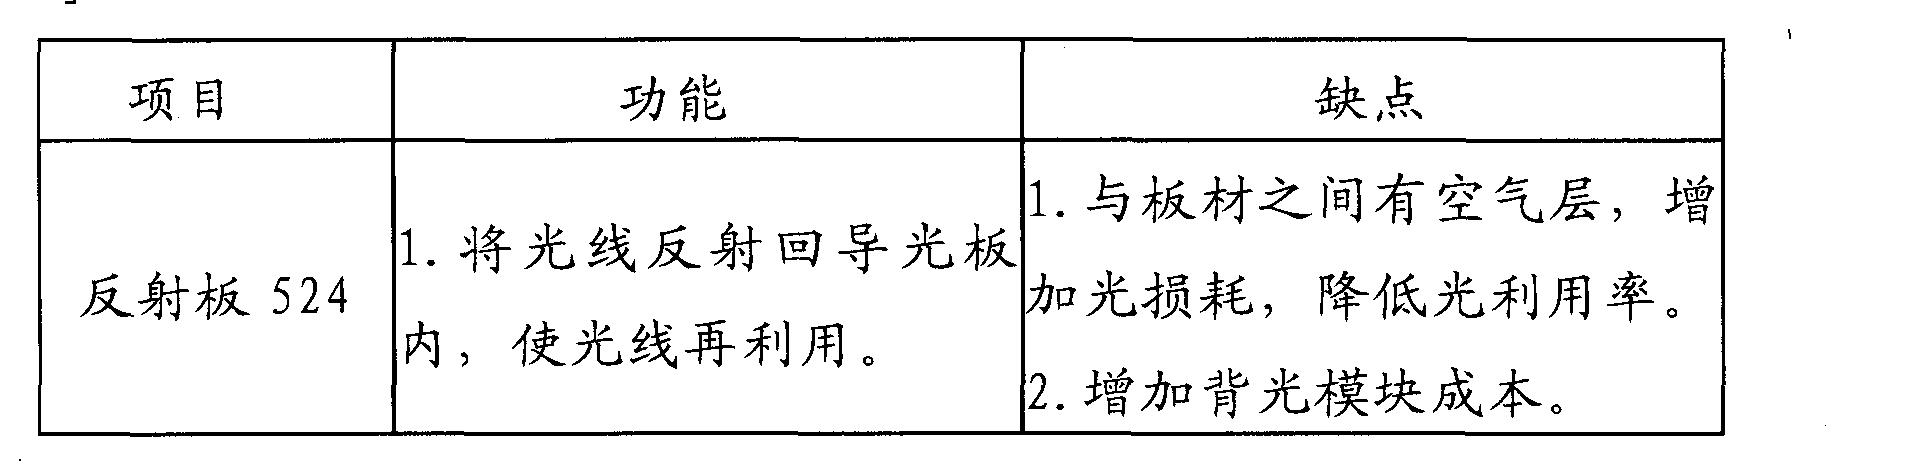 Figure CN102411163BD00051